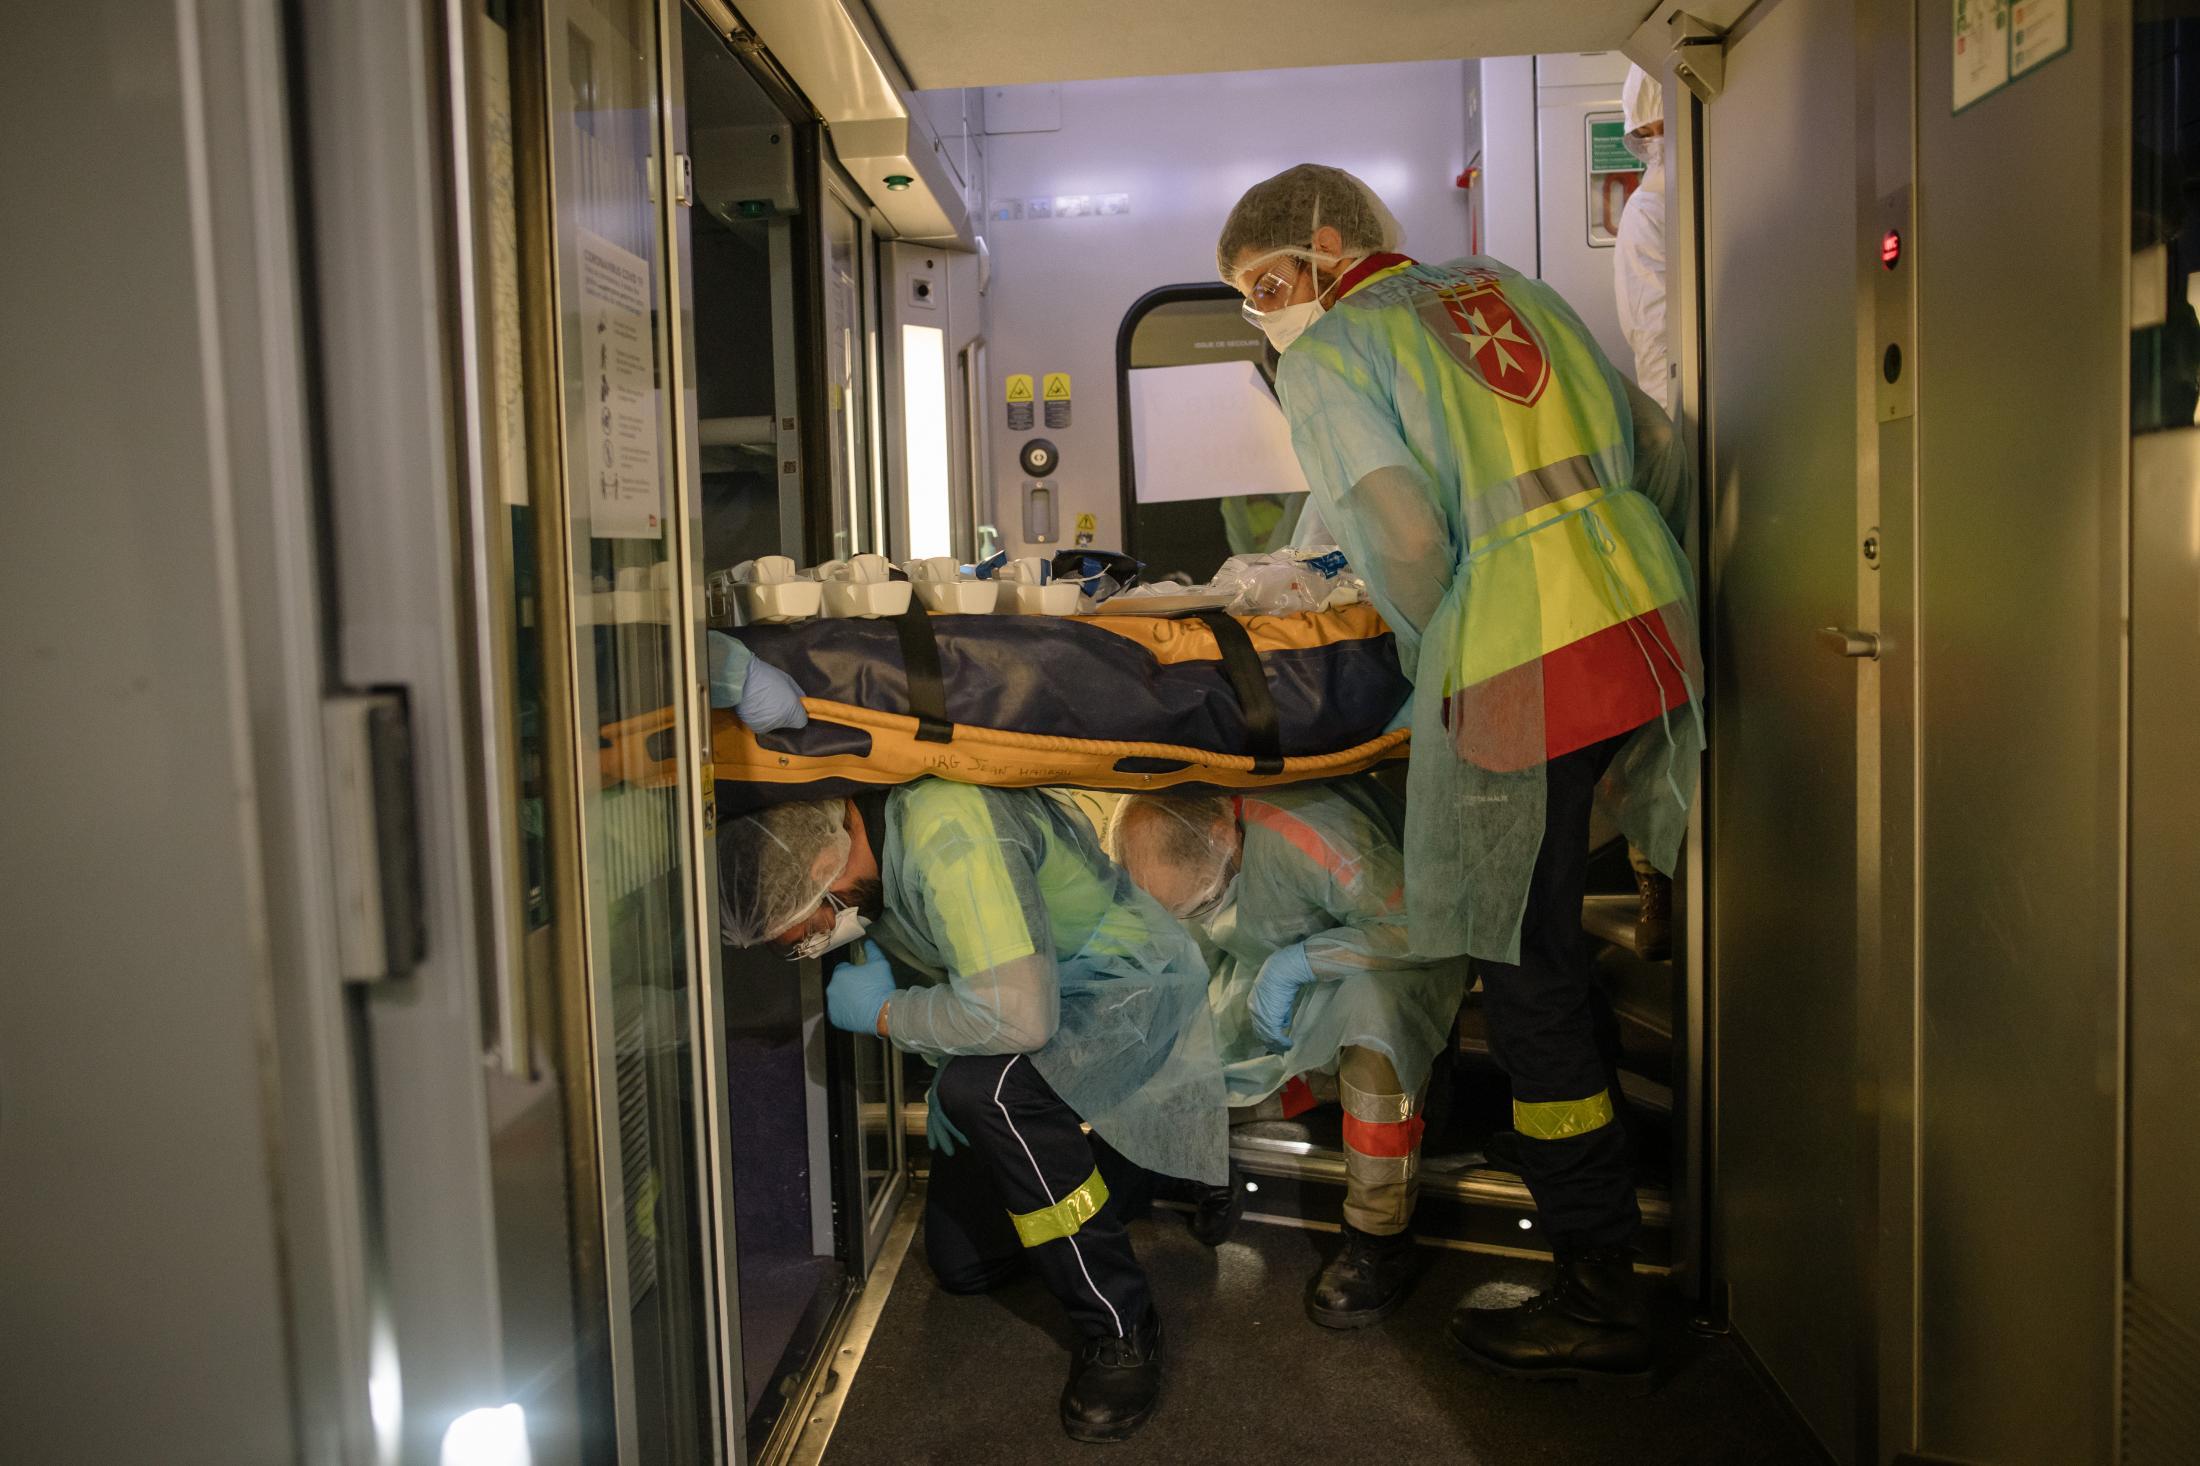 Paris. Gare d'Austelitz. Opération Chardon. Le 10 avril 2020. En tout, 45 victimes de toute l'île de France, vont etre transferées dans deux TGV en direction de Bordeaux et de Poitiers. L'objectif est de désengorger les hopitaux d'ïle de France saturés de patients en réa du covid-19. Un patient est transporté dans le wagon. Les secouristes bénévoles le portent. L'opération est périlleuse, il faut s'adapter aux angles du train.